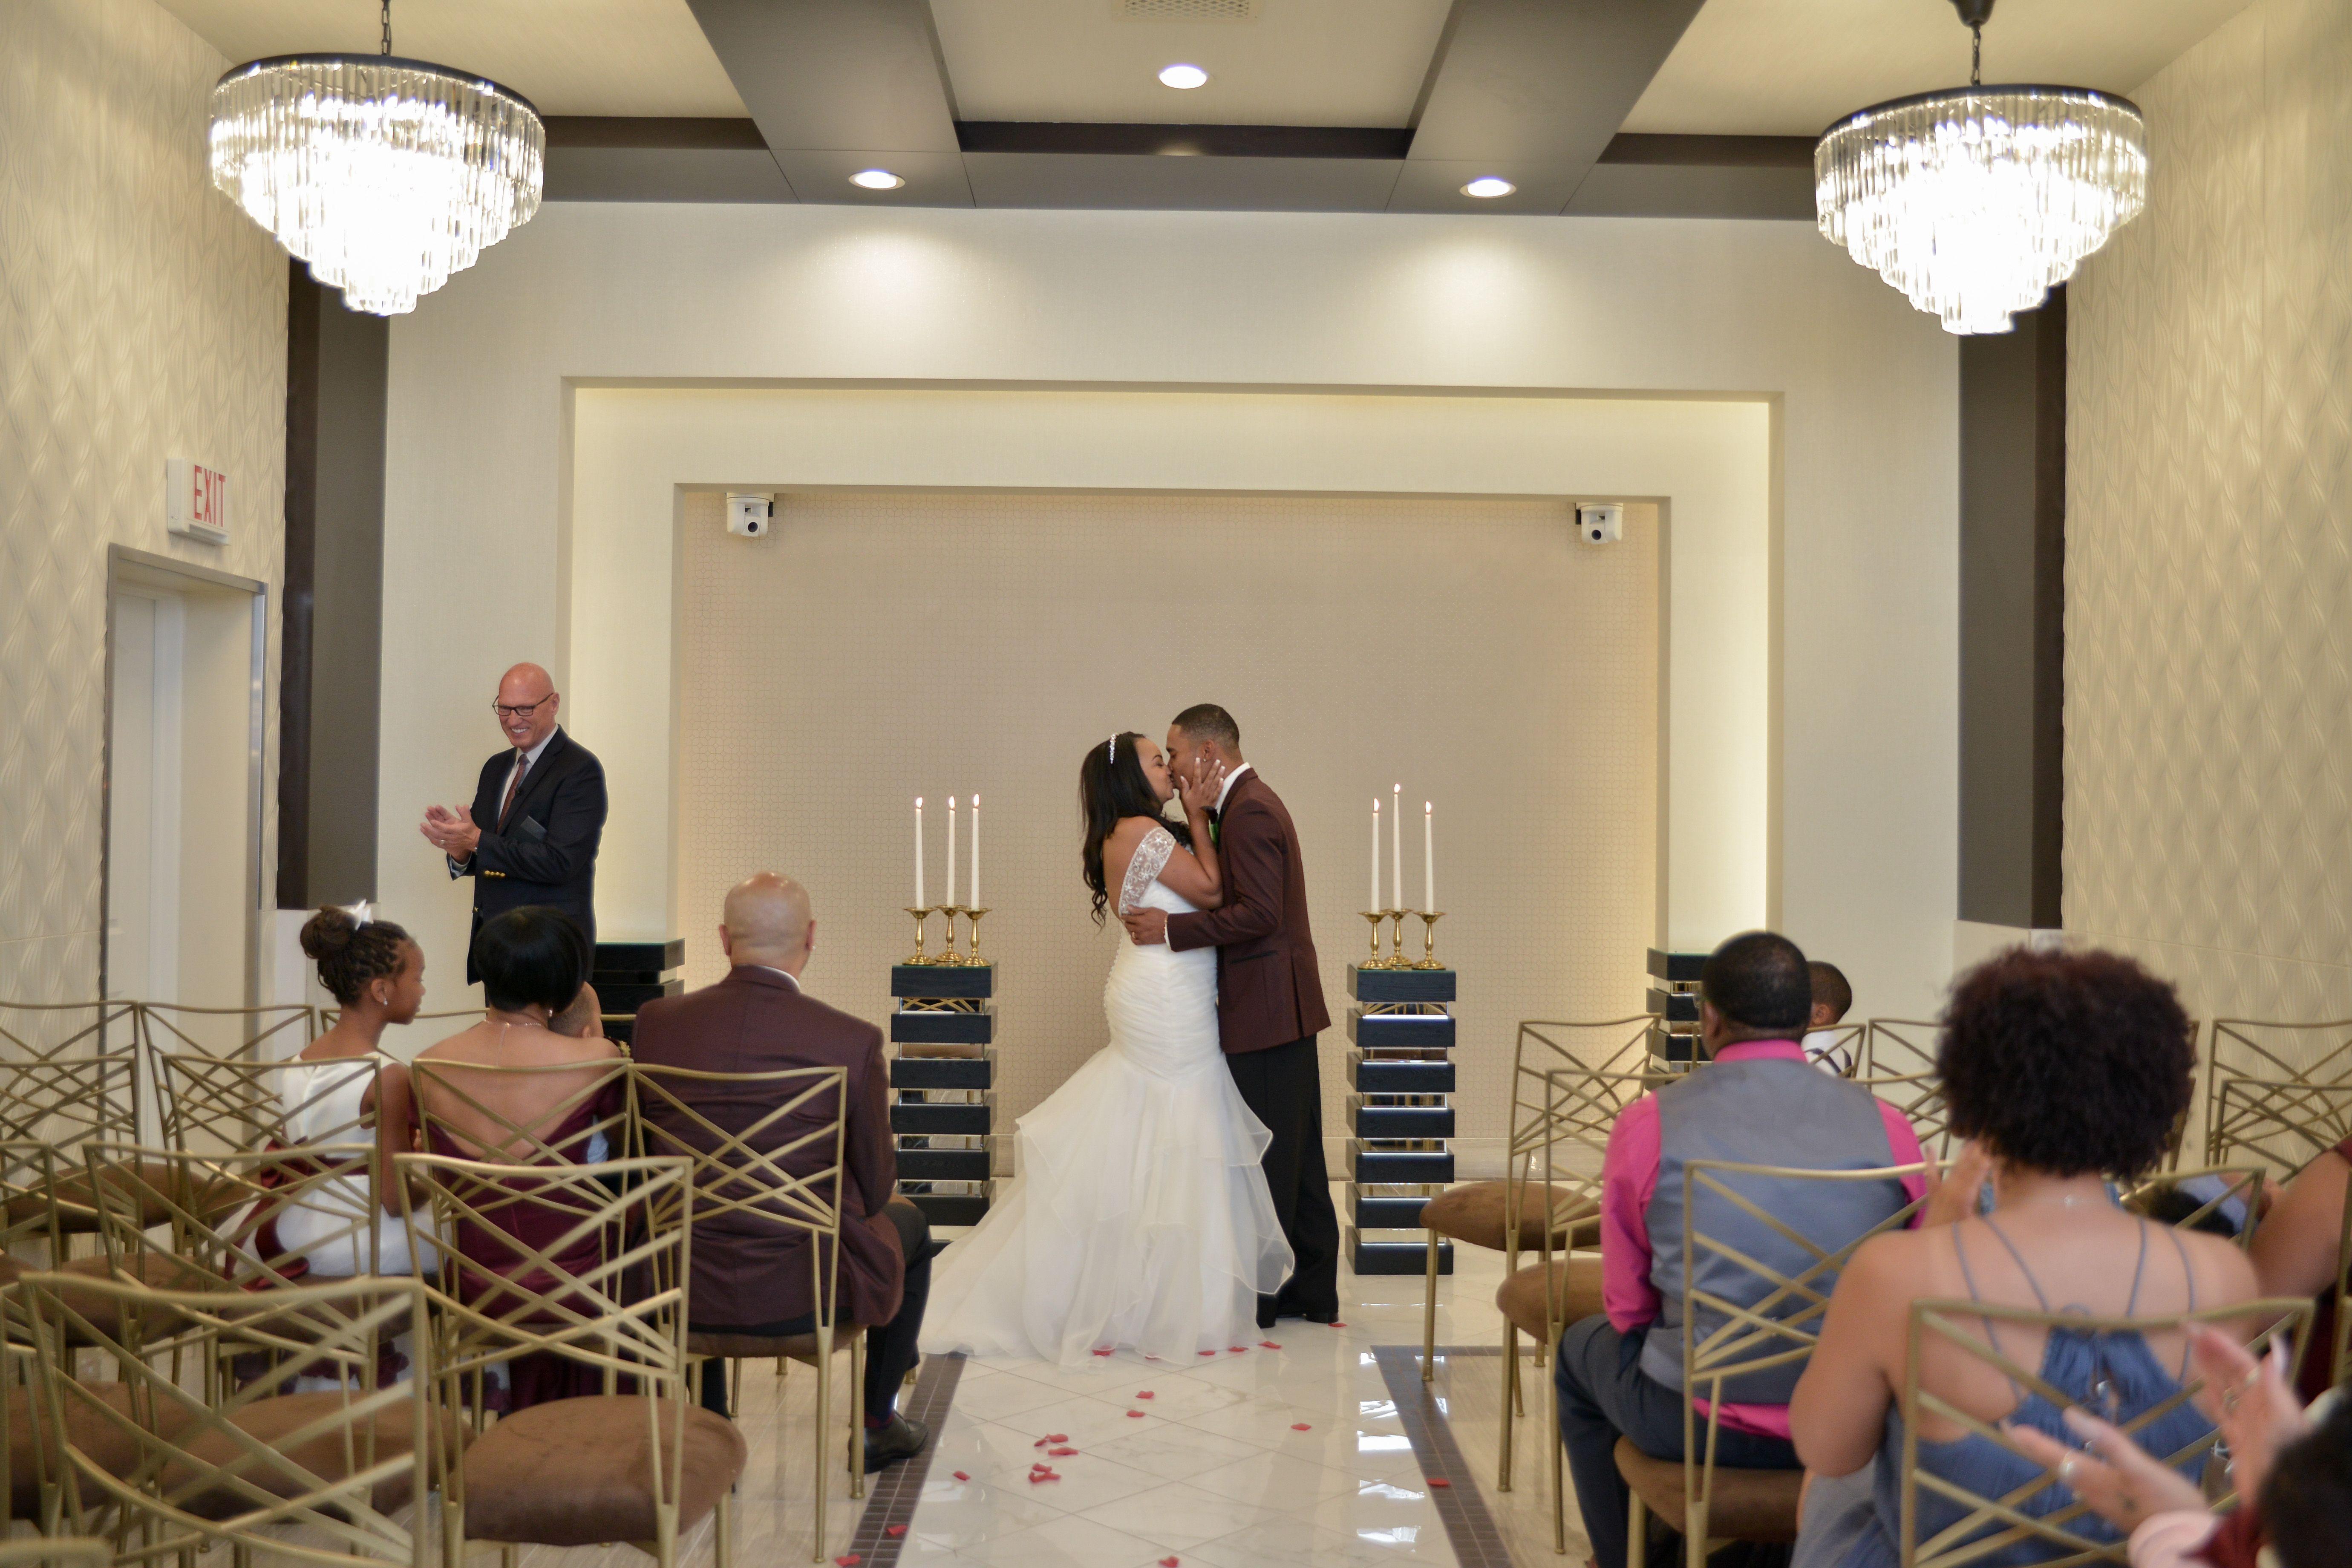 First Kiss In The Modern La Capella Wedding Chapel Chapel Of The Flowers Las Vegas Chapel Wedding Las Vegas Chapels Las Vegas Wedding Chapel